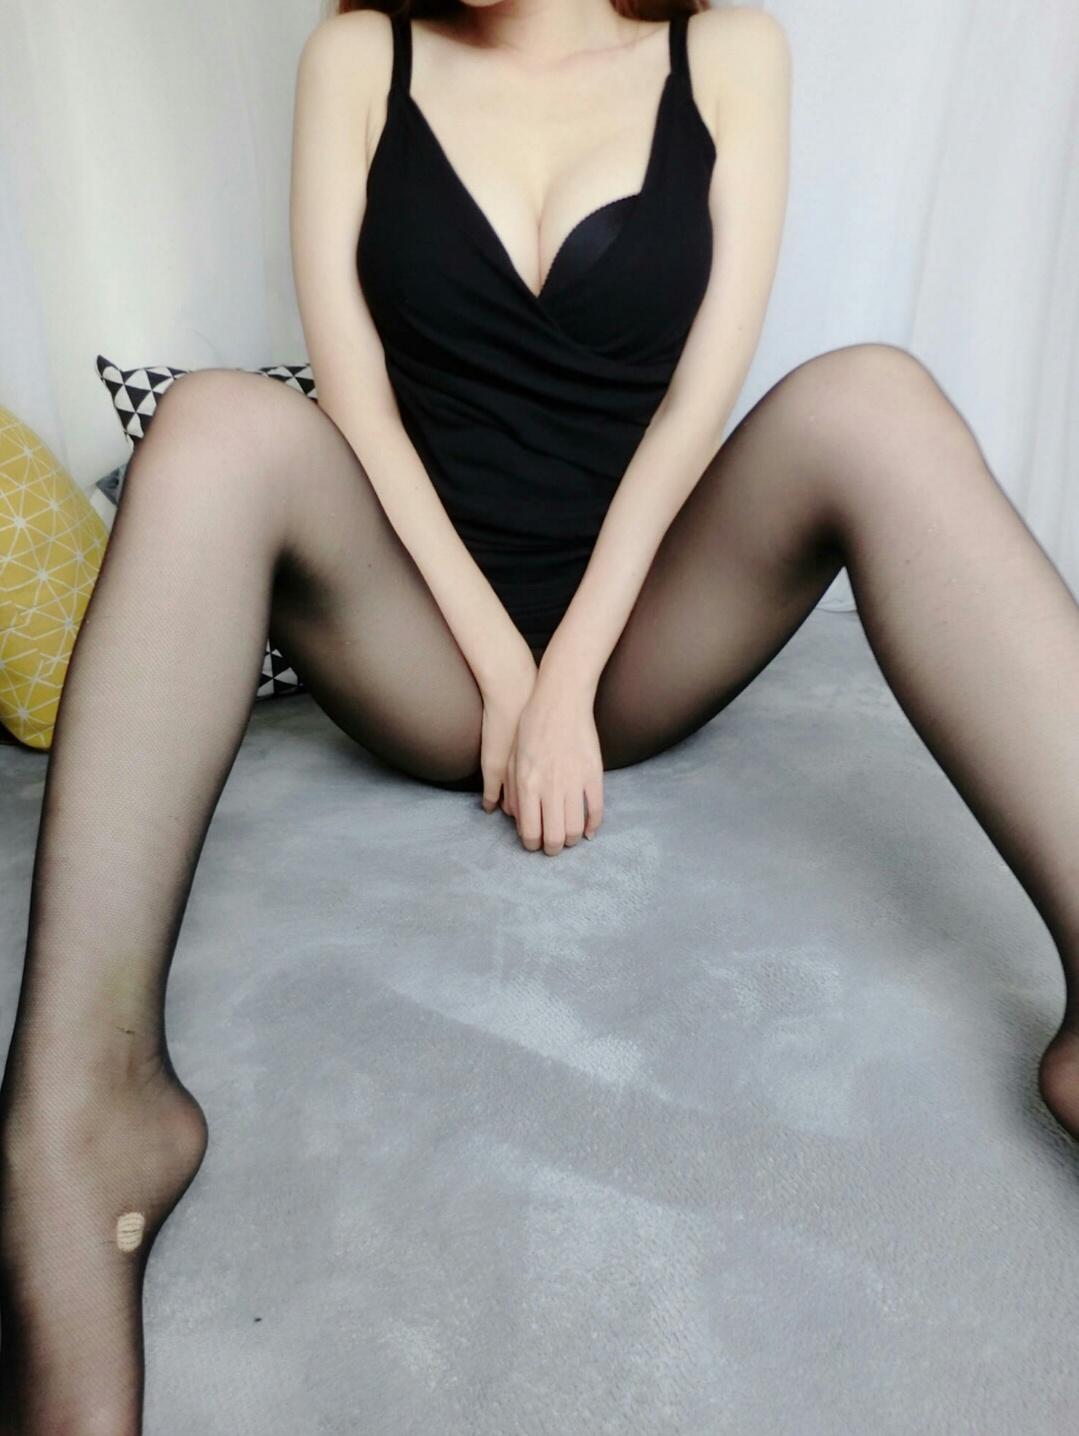 福利姬隔壁小姐姐 - 黑色丝袜